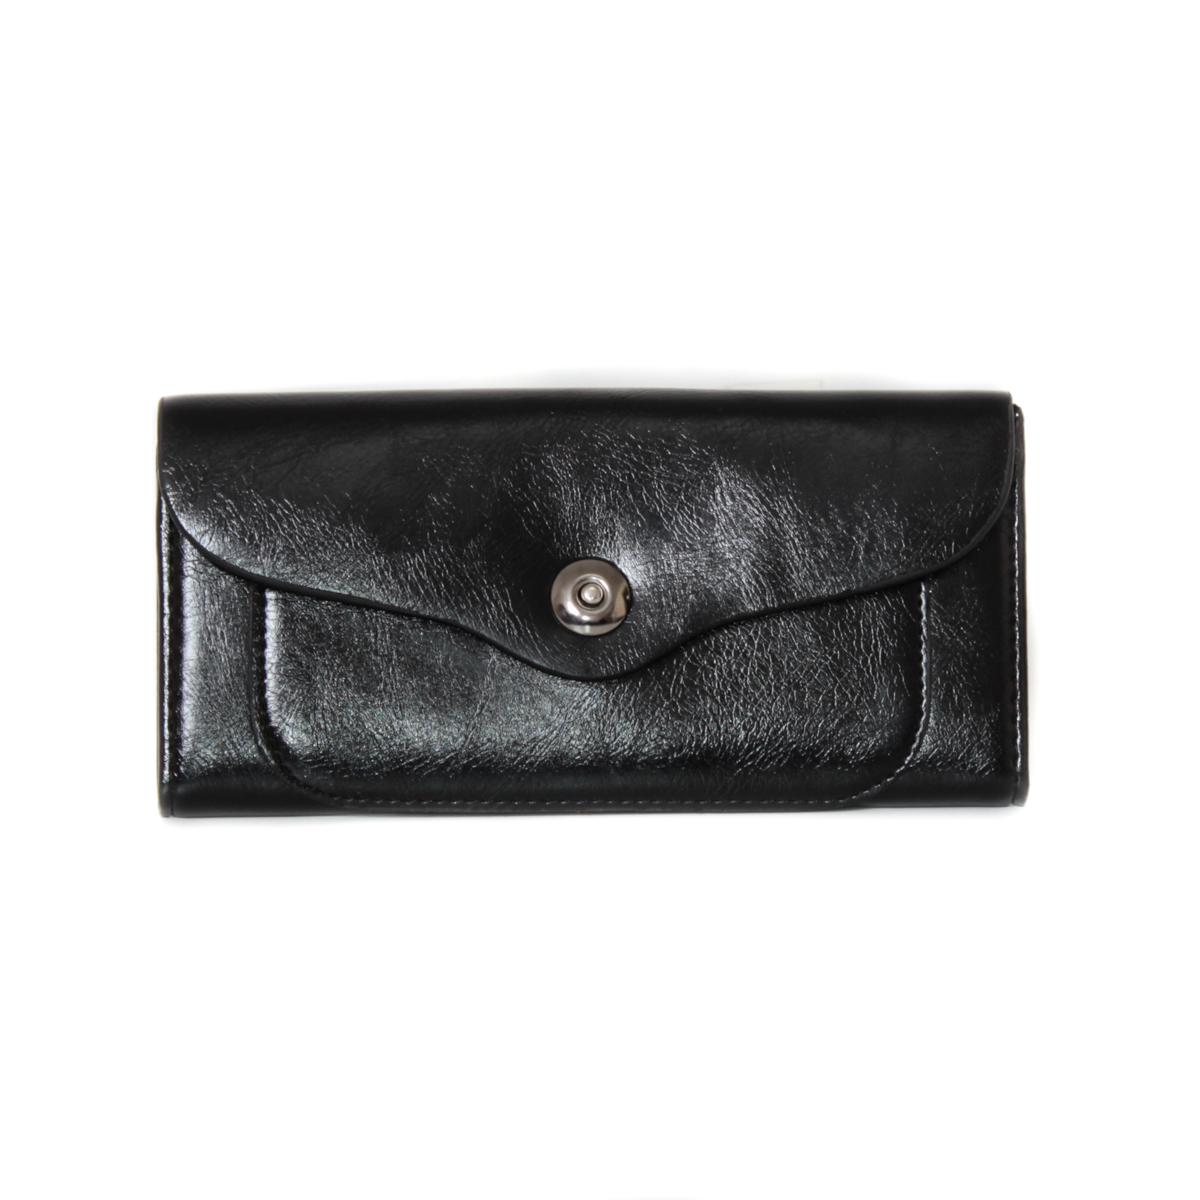 Кошелек женский Leighton, цвет: черный. 0005310700053107Закрывается на кнопку. Внутри два отления для карточек и визиток, одно отделение на молнии, два для купюр и одно для монет.